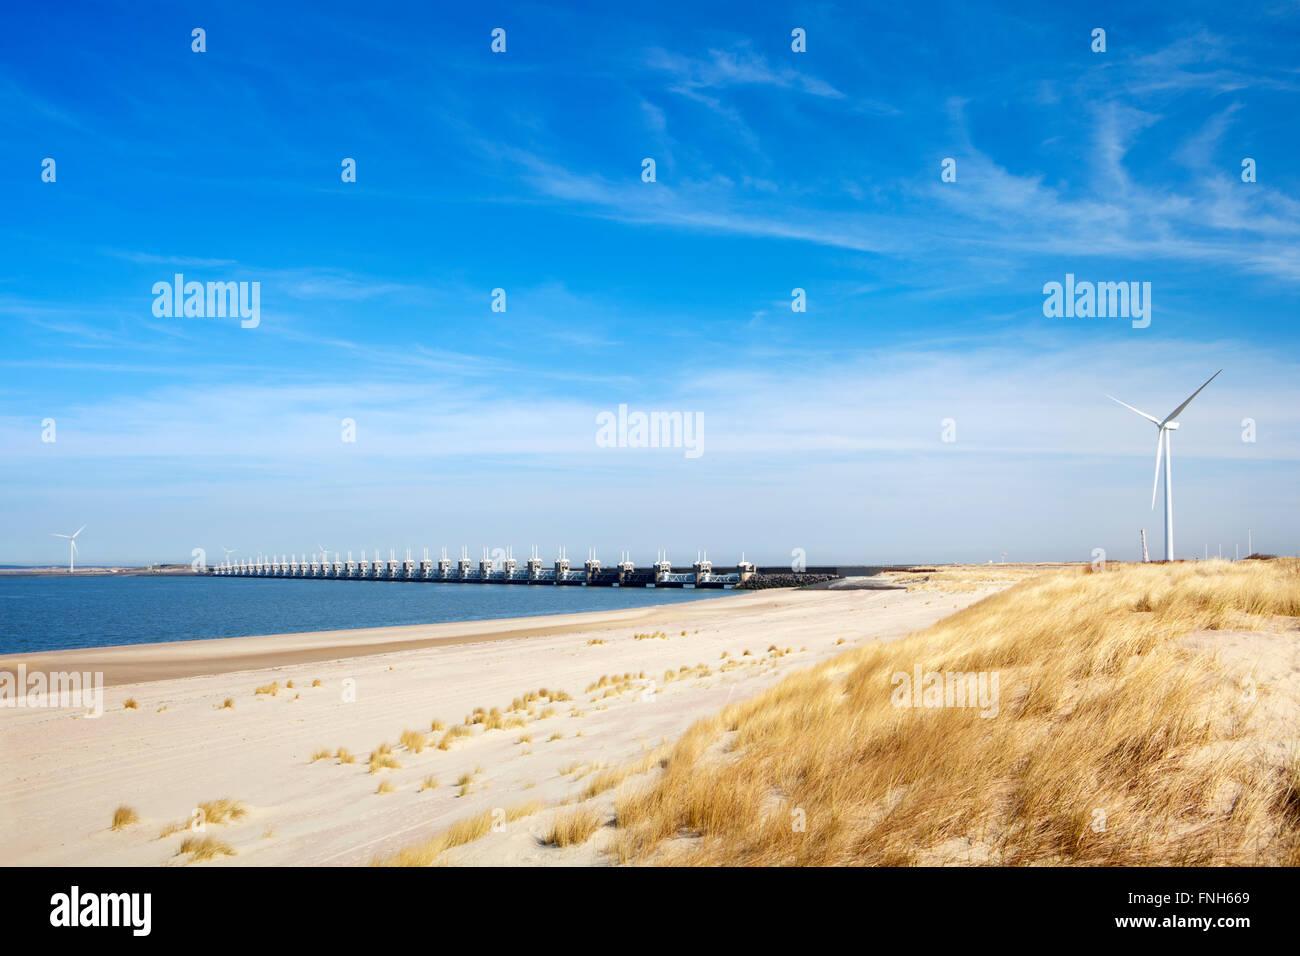 La Schelda orientale mareggiata barriera (Oosterscheldekering) nella provincia olandese della Zeeland. Questa è Immagini Stock